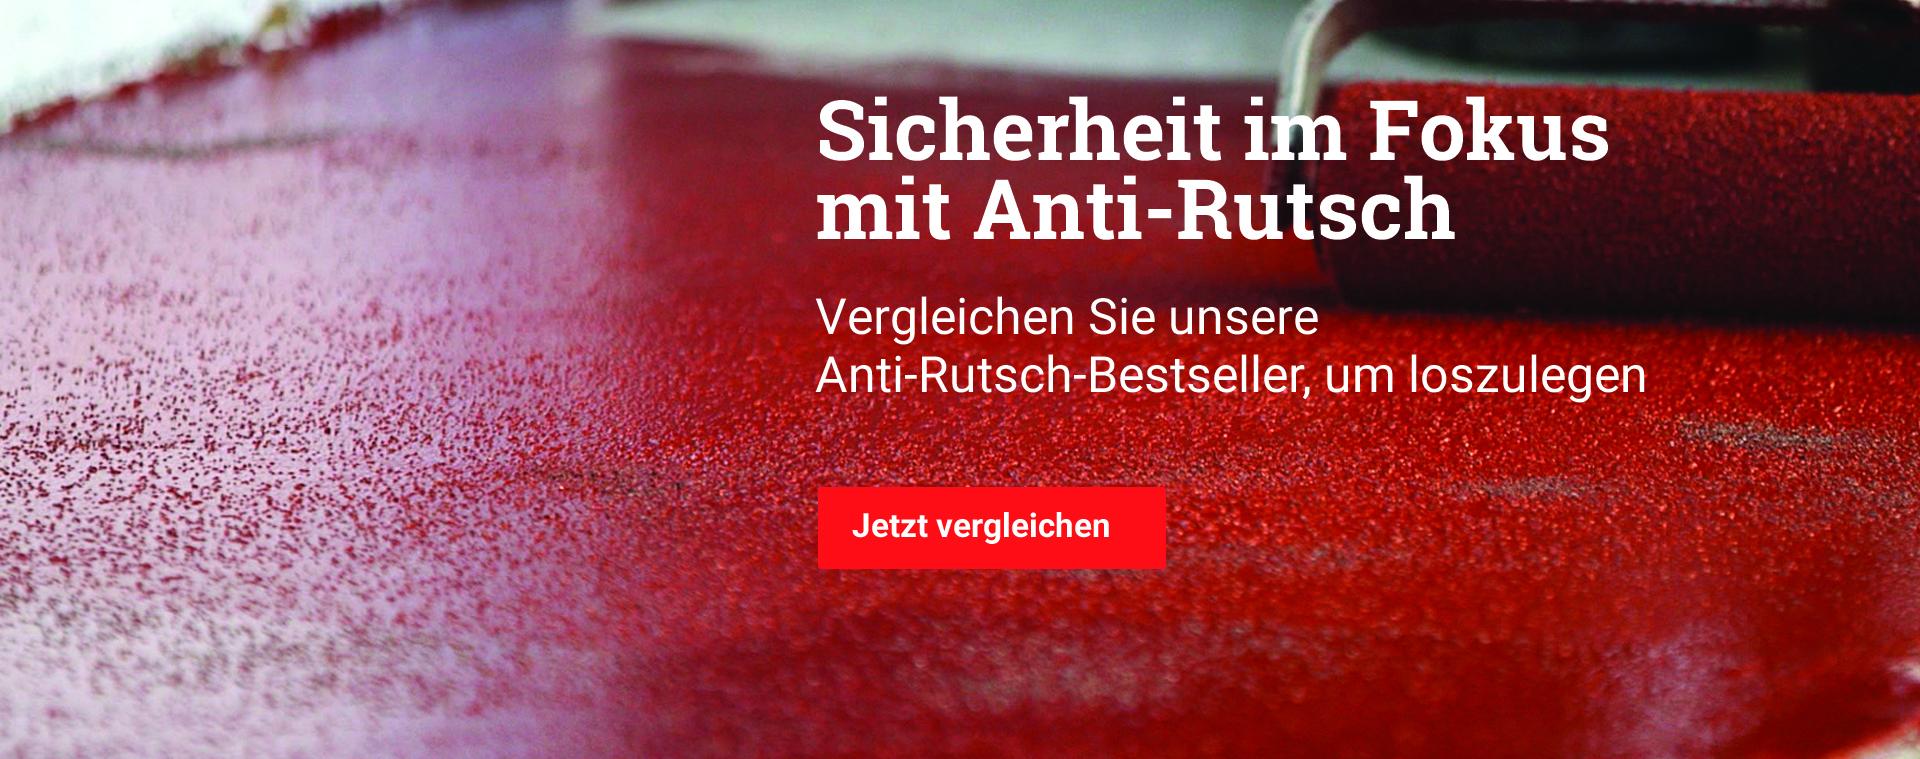 Watco's beliebteste Anti-Rutsch-Produkte im Vergleich